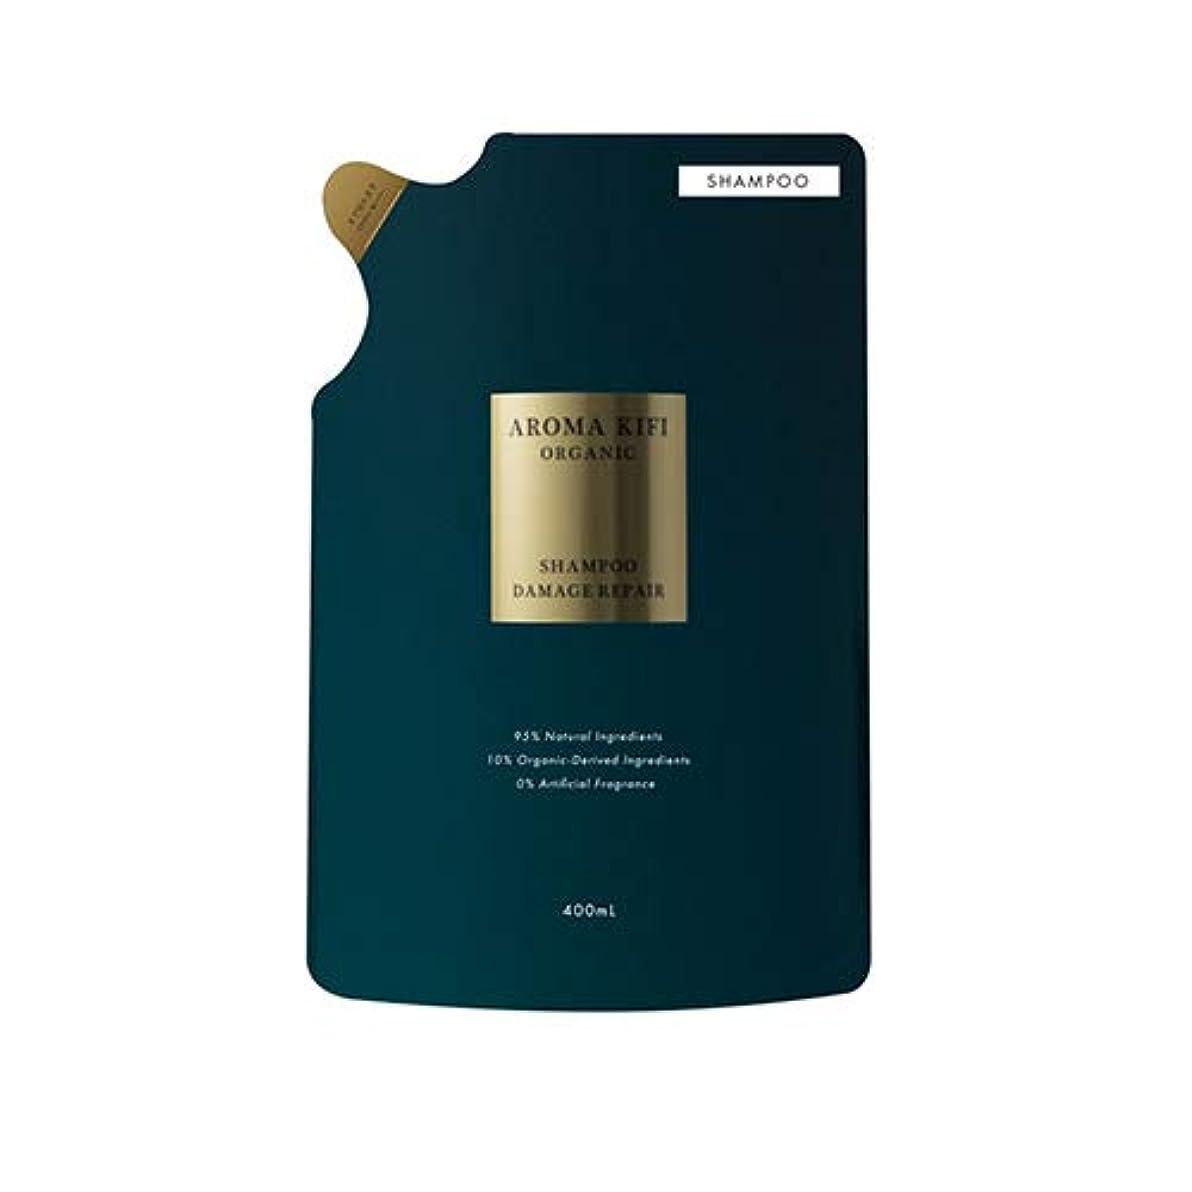 異なるクリックセンサーアロマキフィ オーガニック シャンプー 詰替え 400ml 【ダメージリペア】サロン品質 ノンシリコン 無添加 アロマティックローズの香り